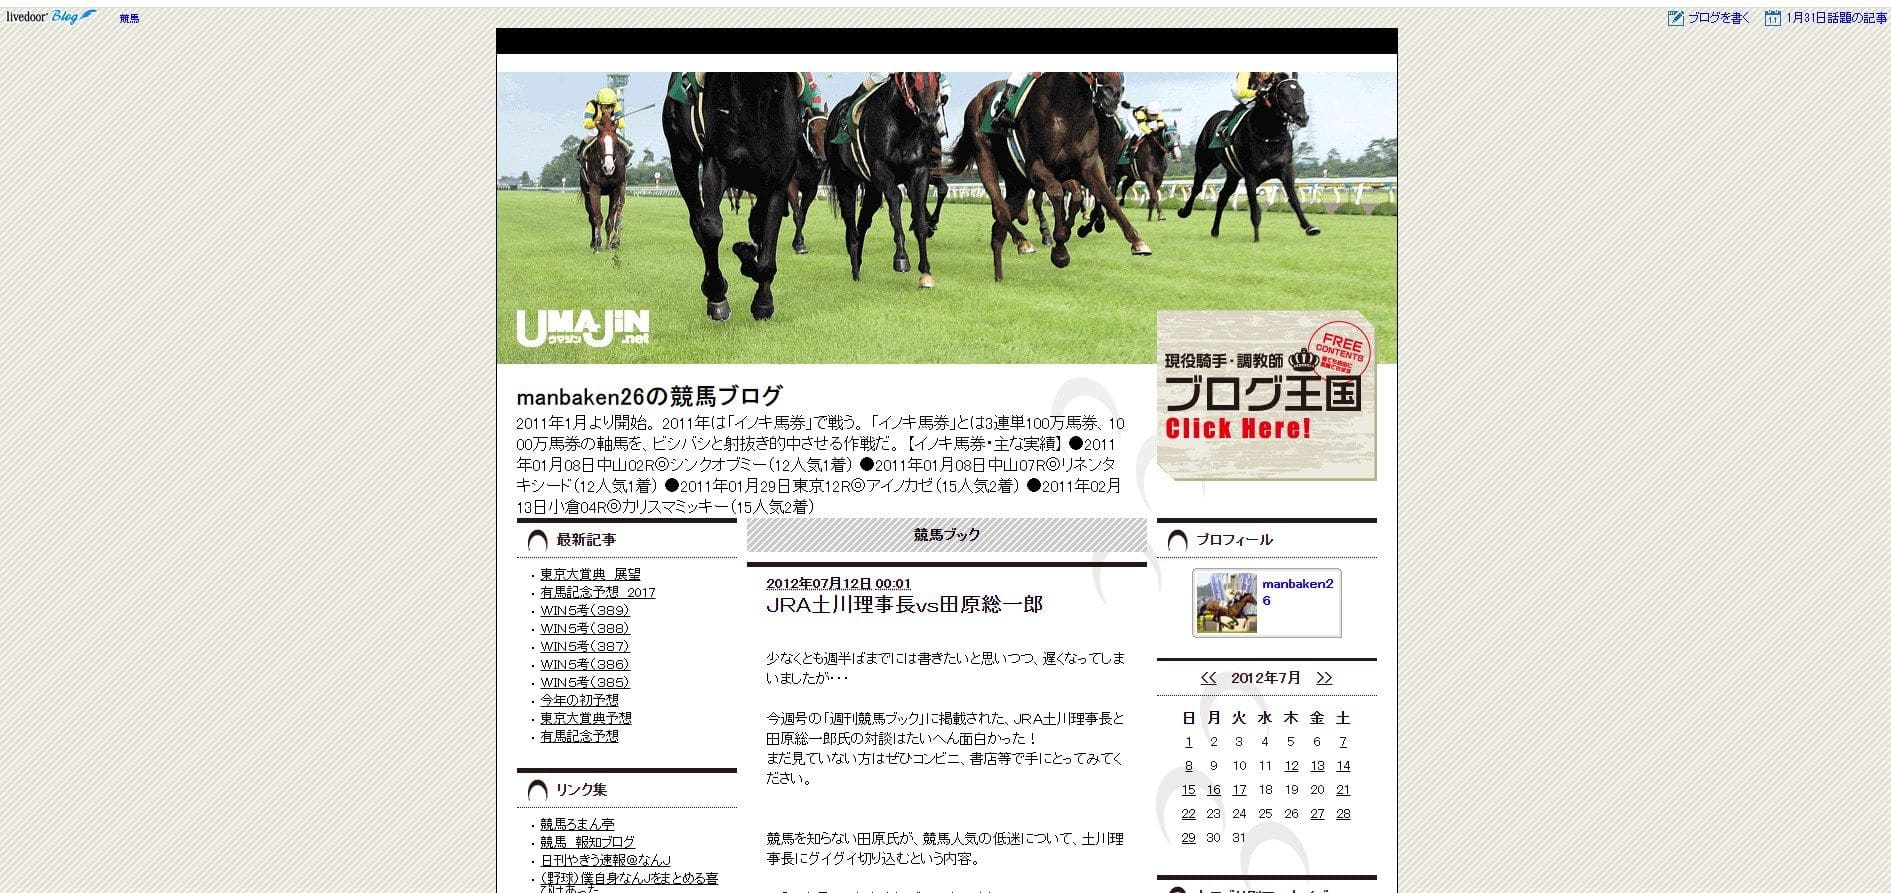 manbaken26の競馬ブログ - 競馬ブック - Livedoor